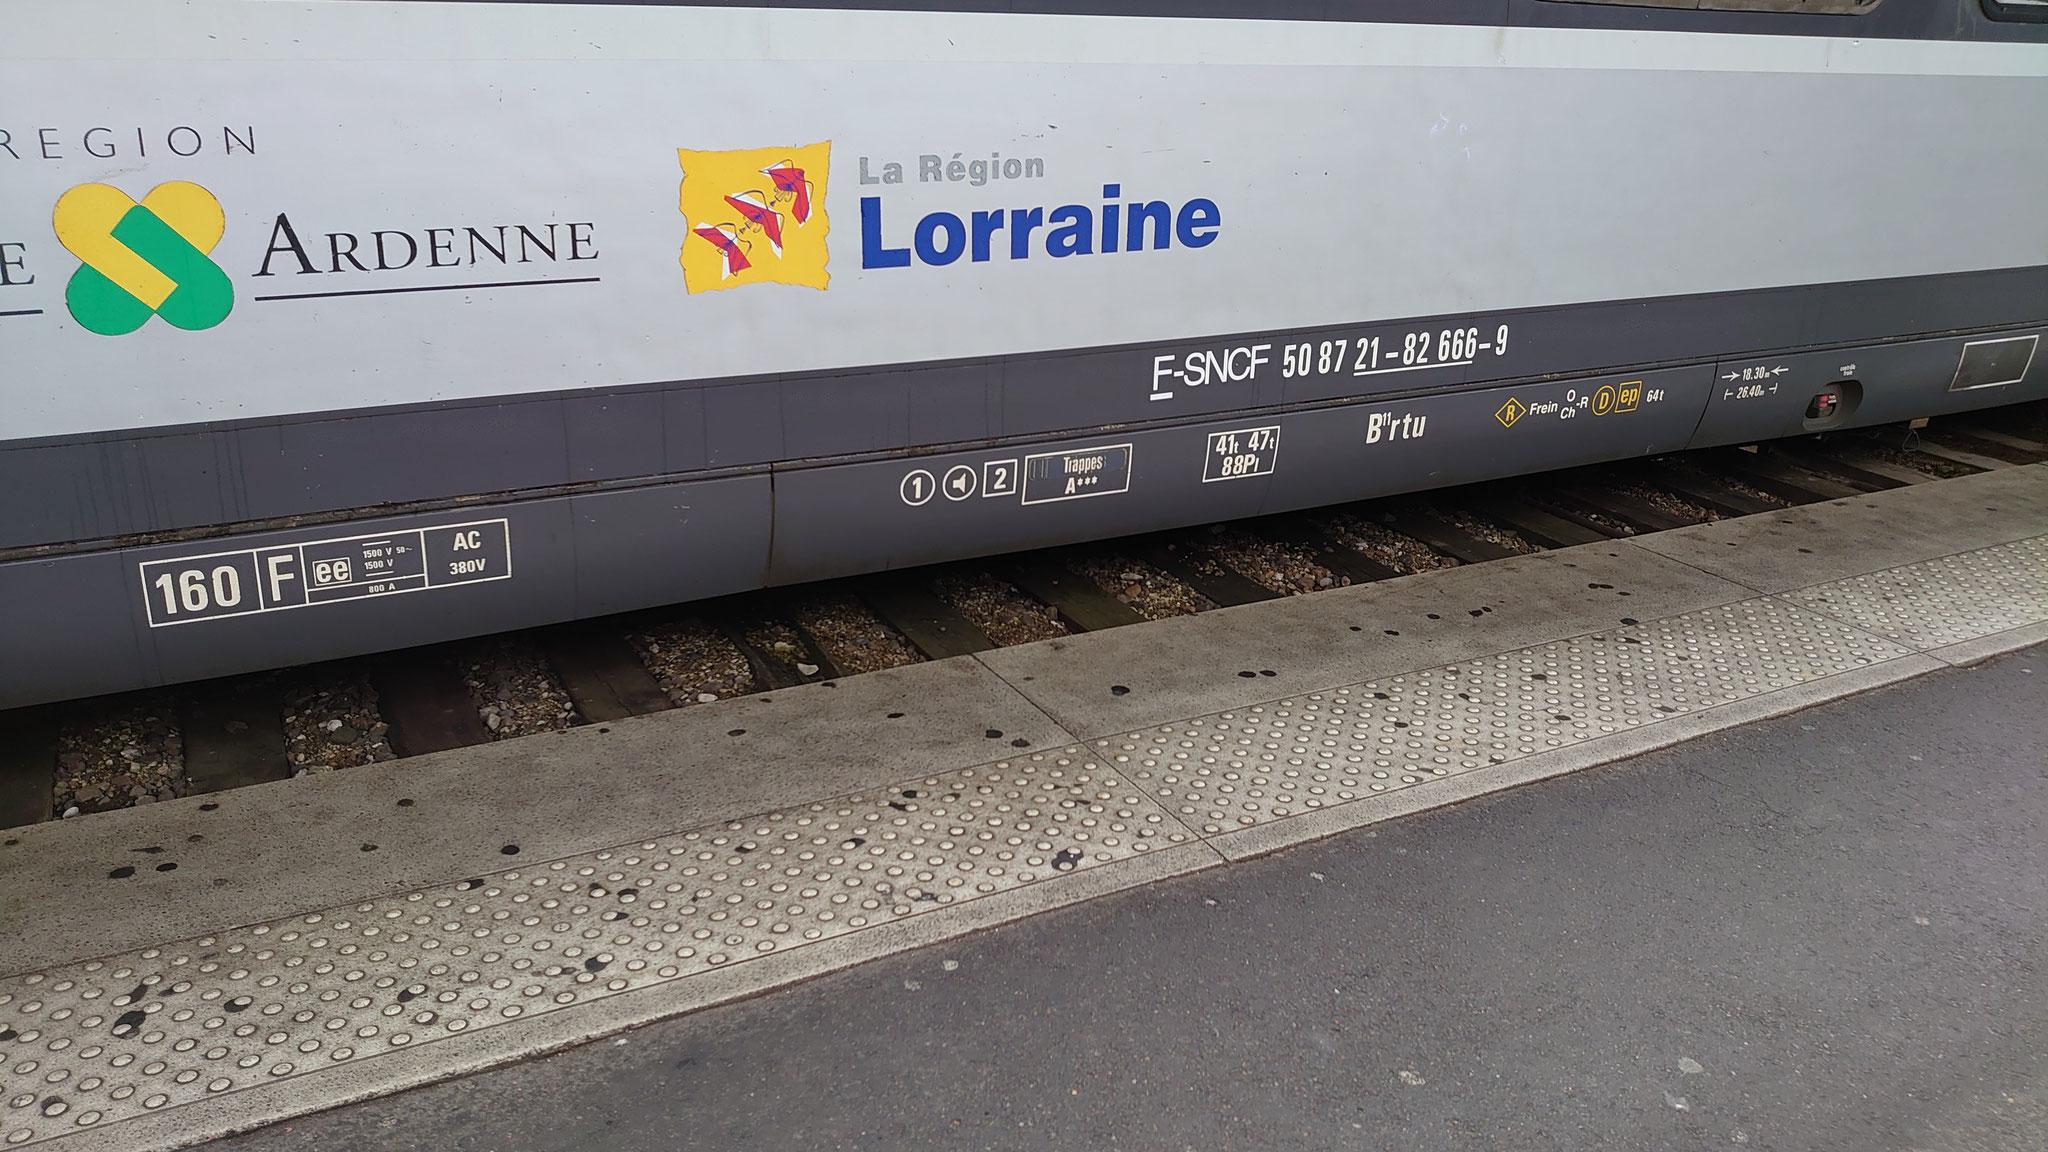 SNCF客車(3)